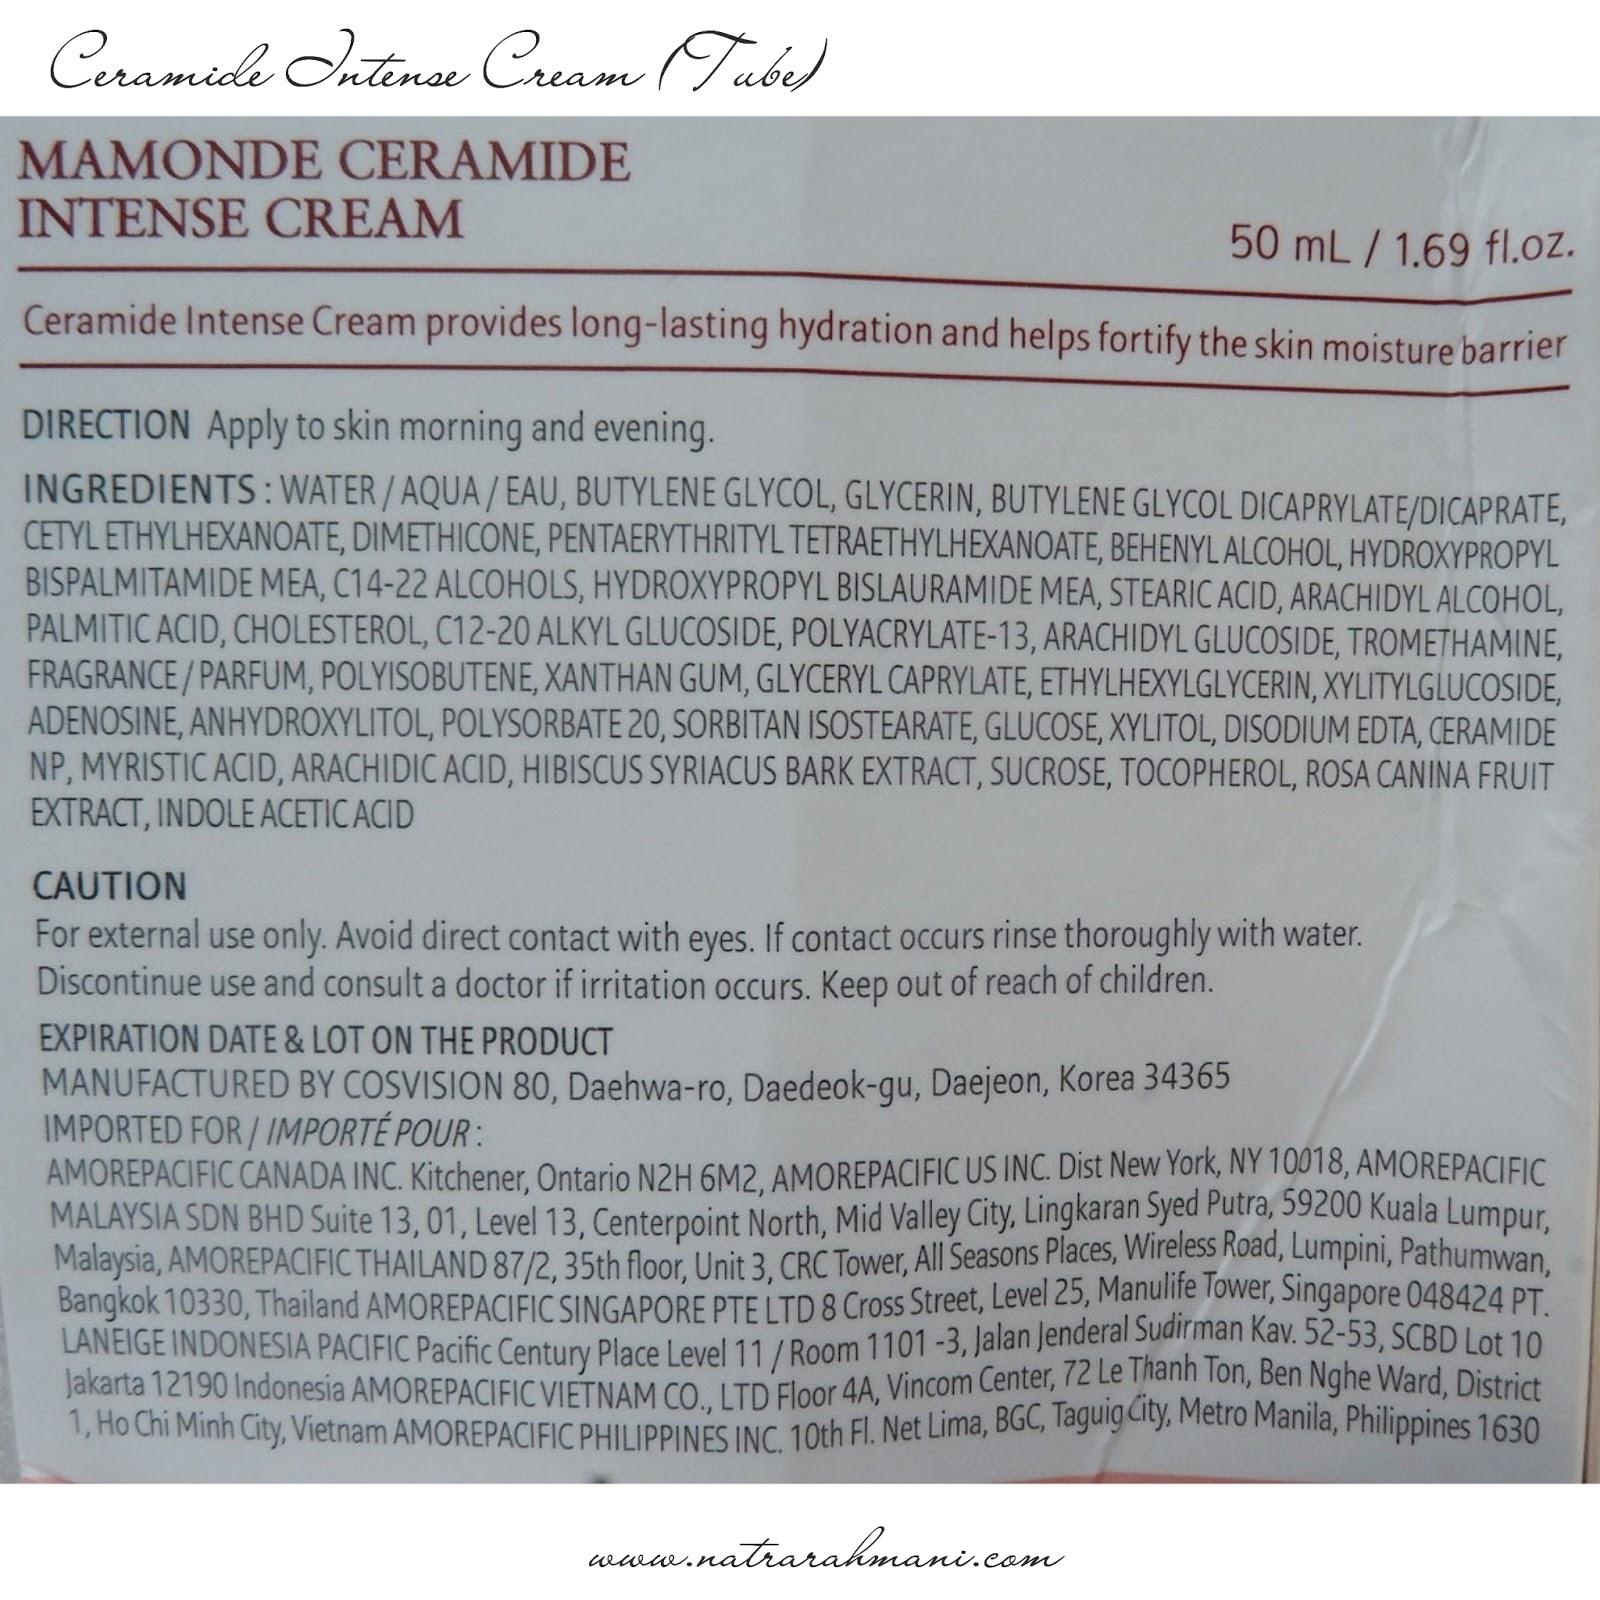 cara-pakai-mamonde-ceramide-line-hibiscus